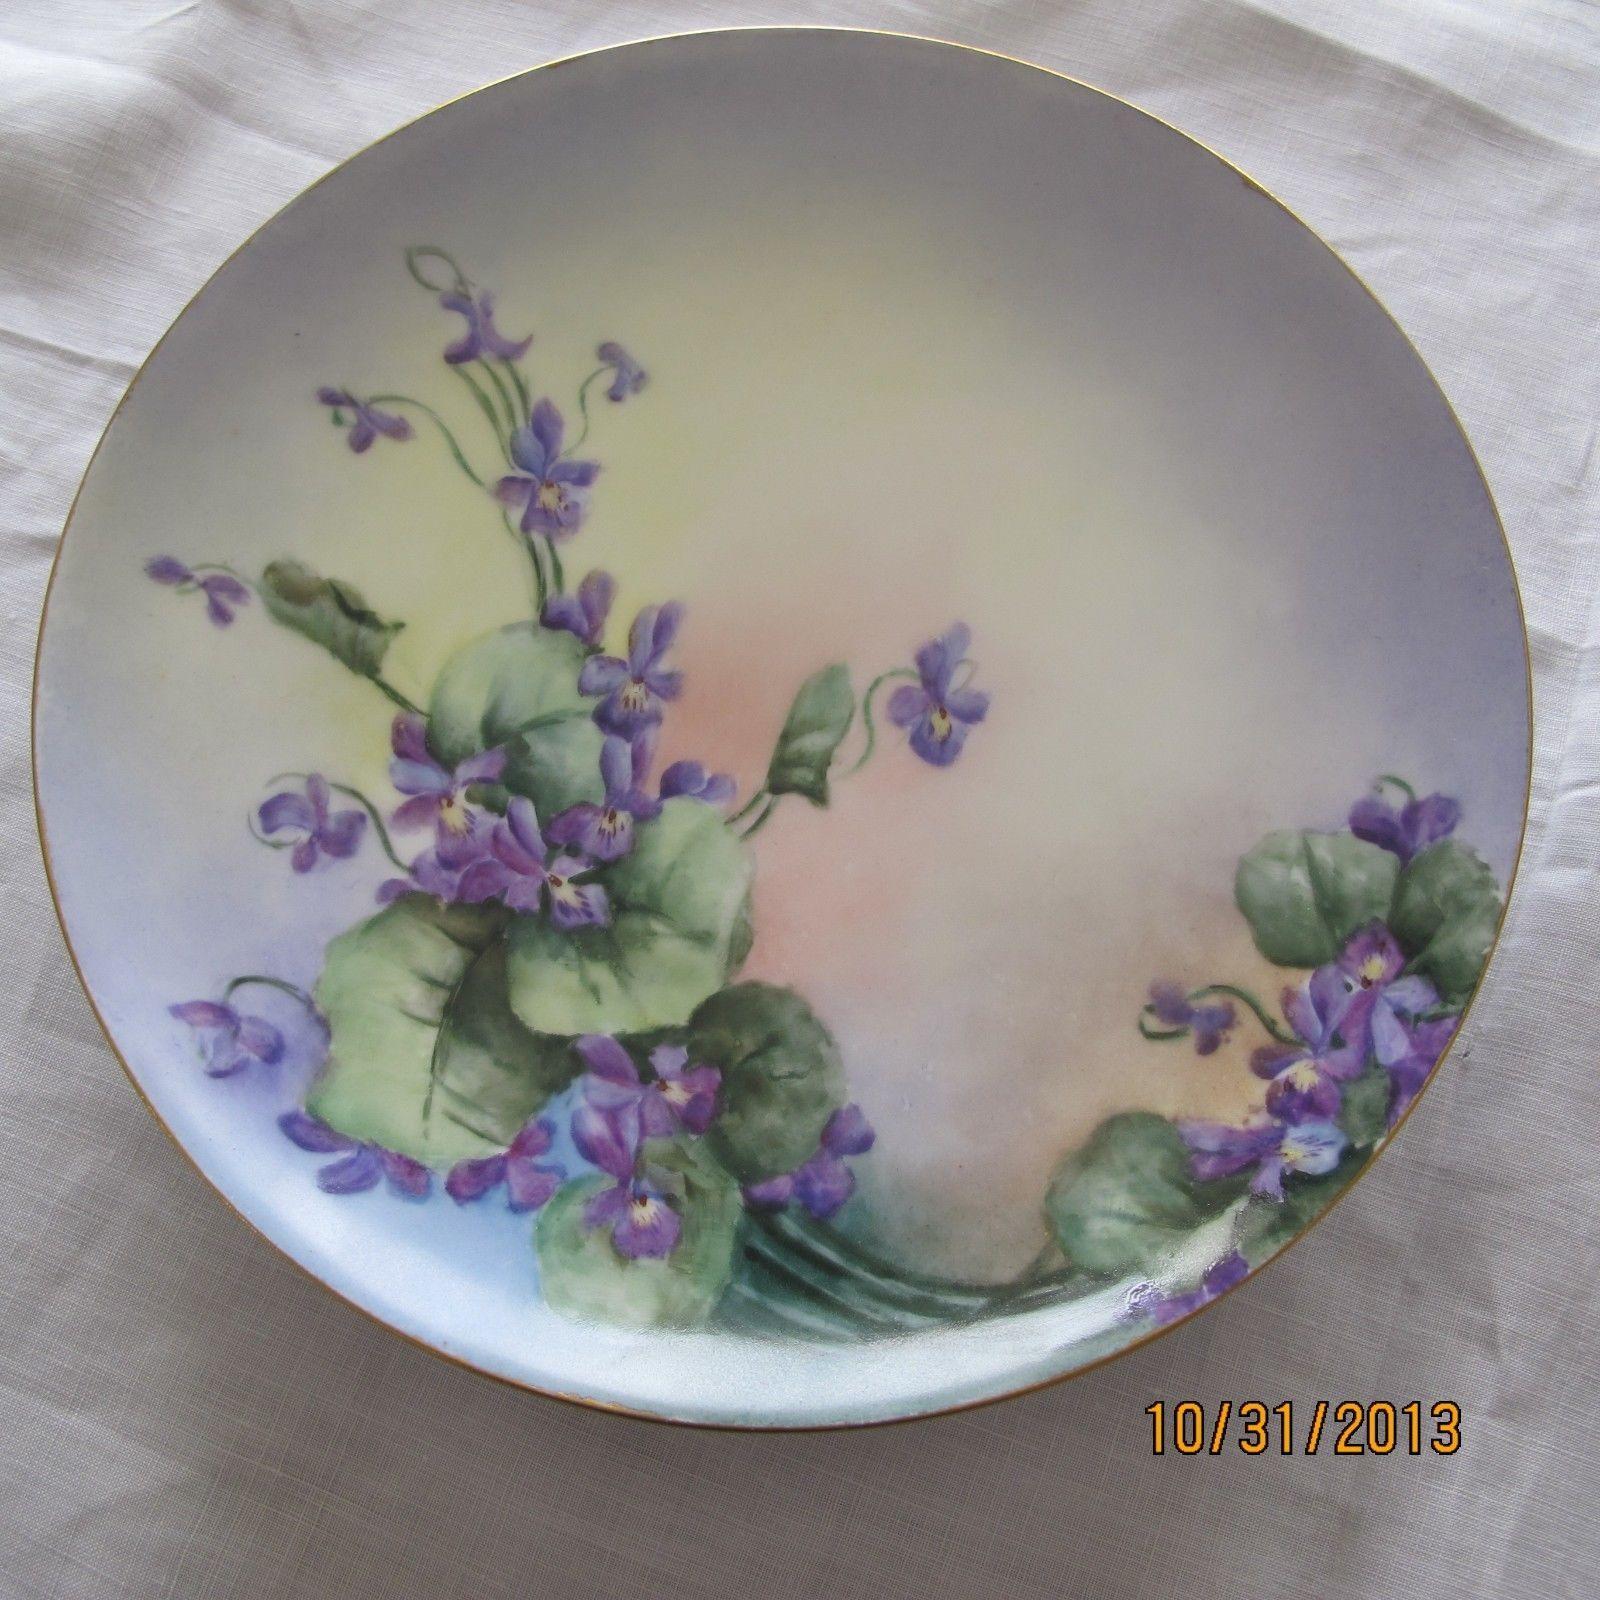 Antique Limoges Haviland France Handpainted Violets Artist Signed Plate & Antique Limoges Haviland France Handpainted Violets Artist Signed ...